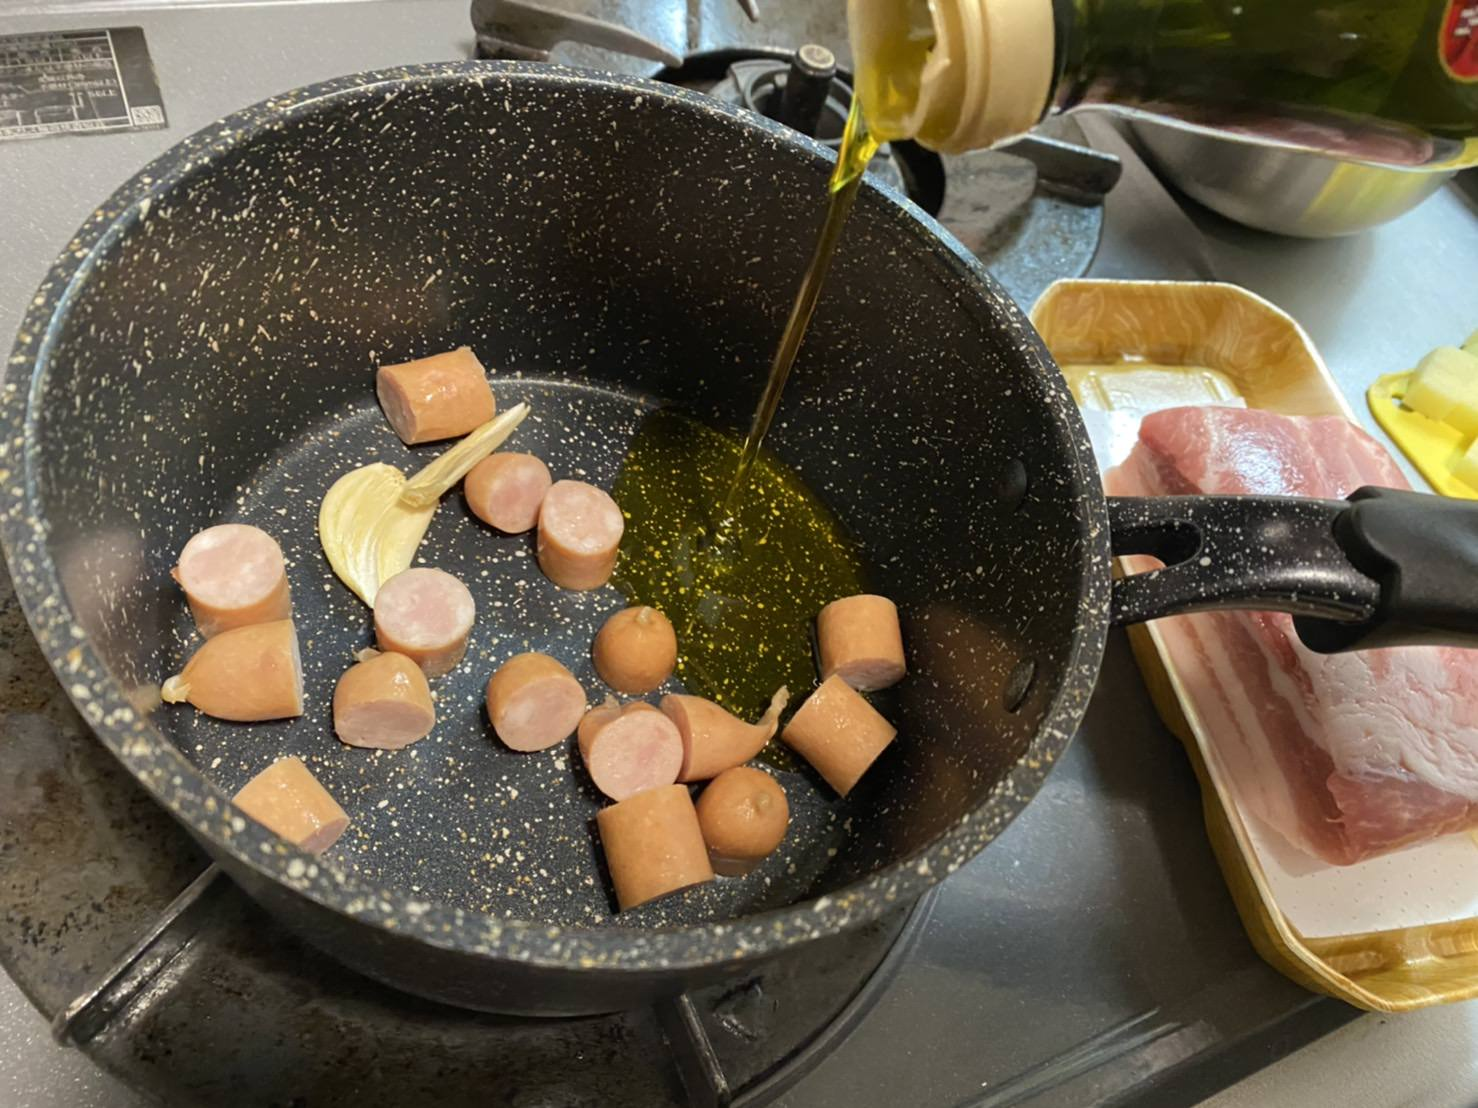 潰したにんにくとウインナーを鍋に入れ、オリーブオイルを注ぐ様子の画像です。